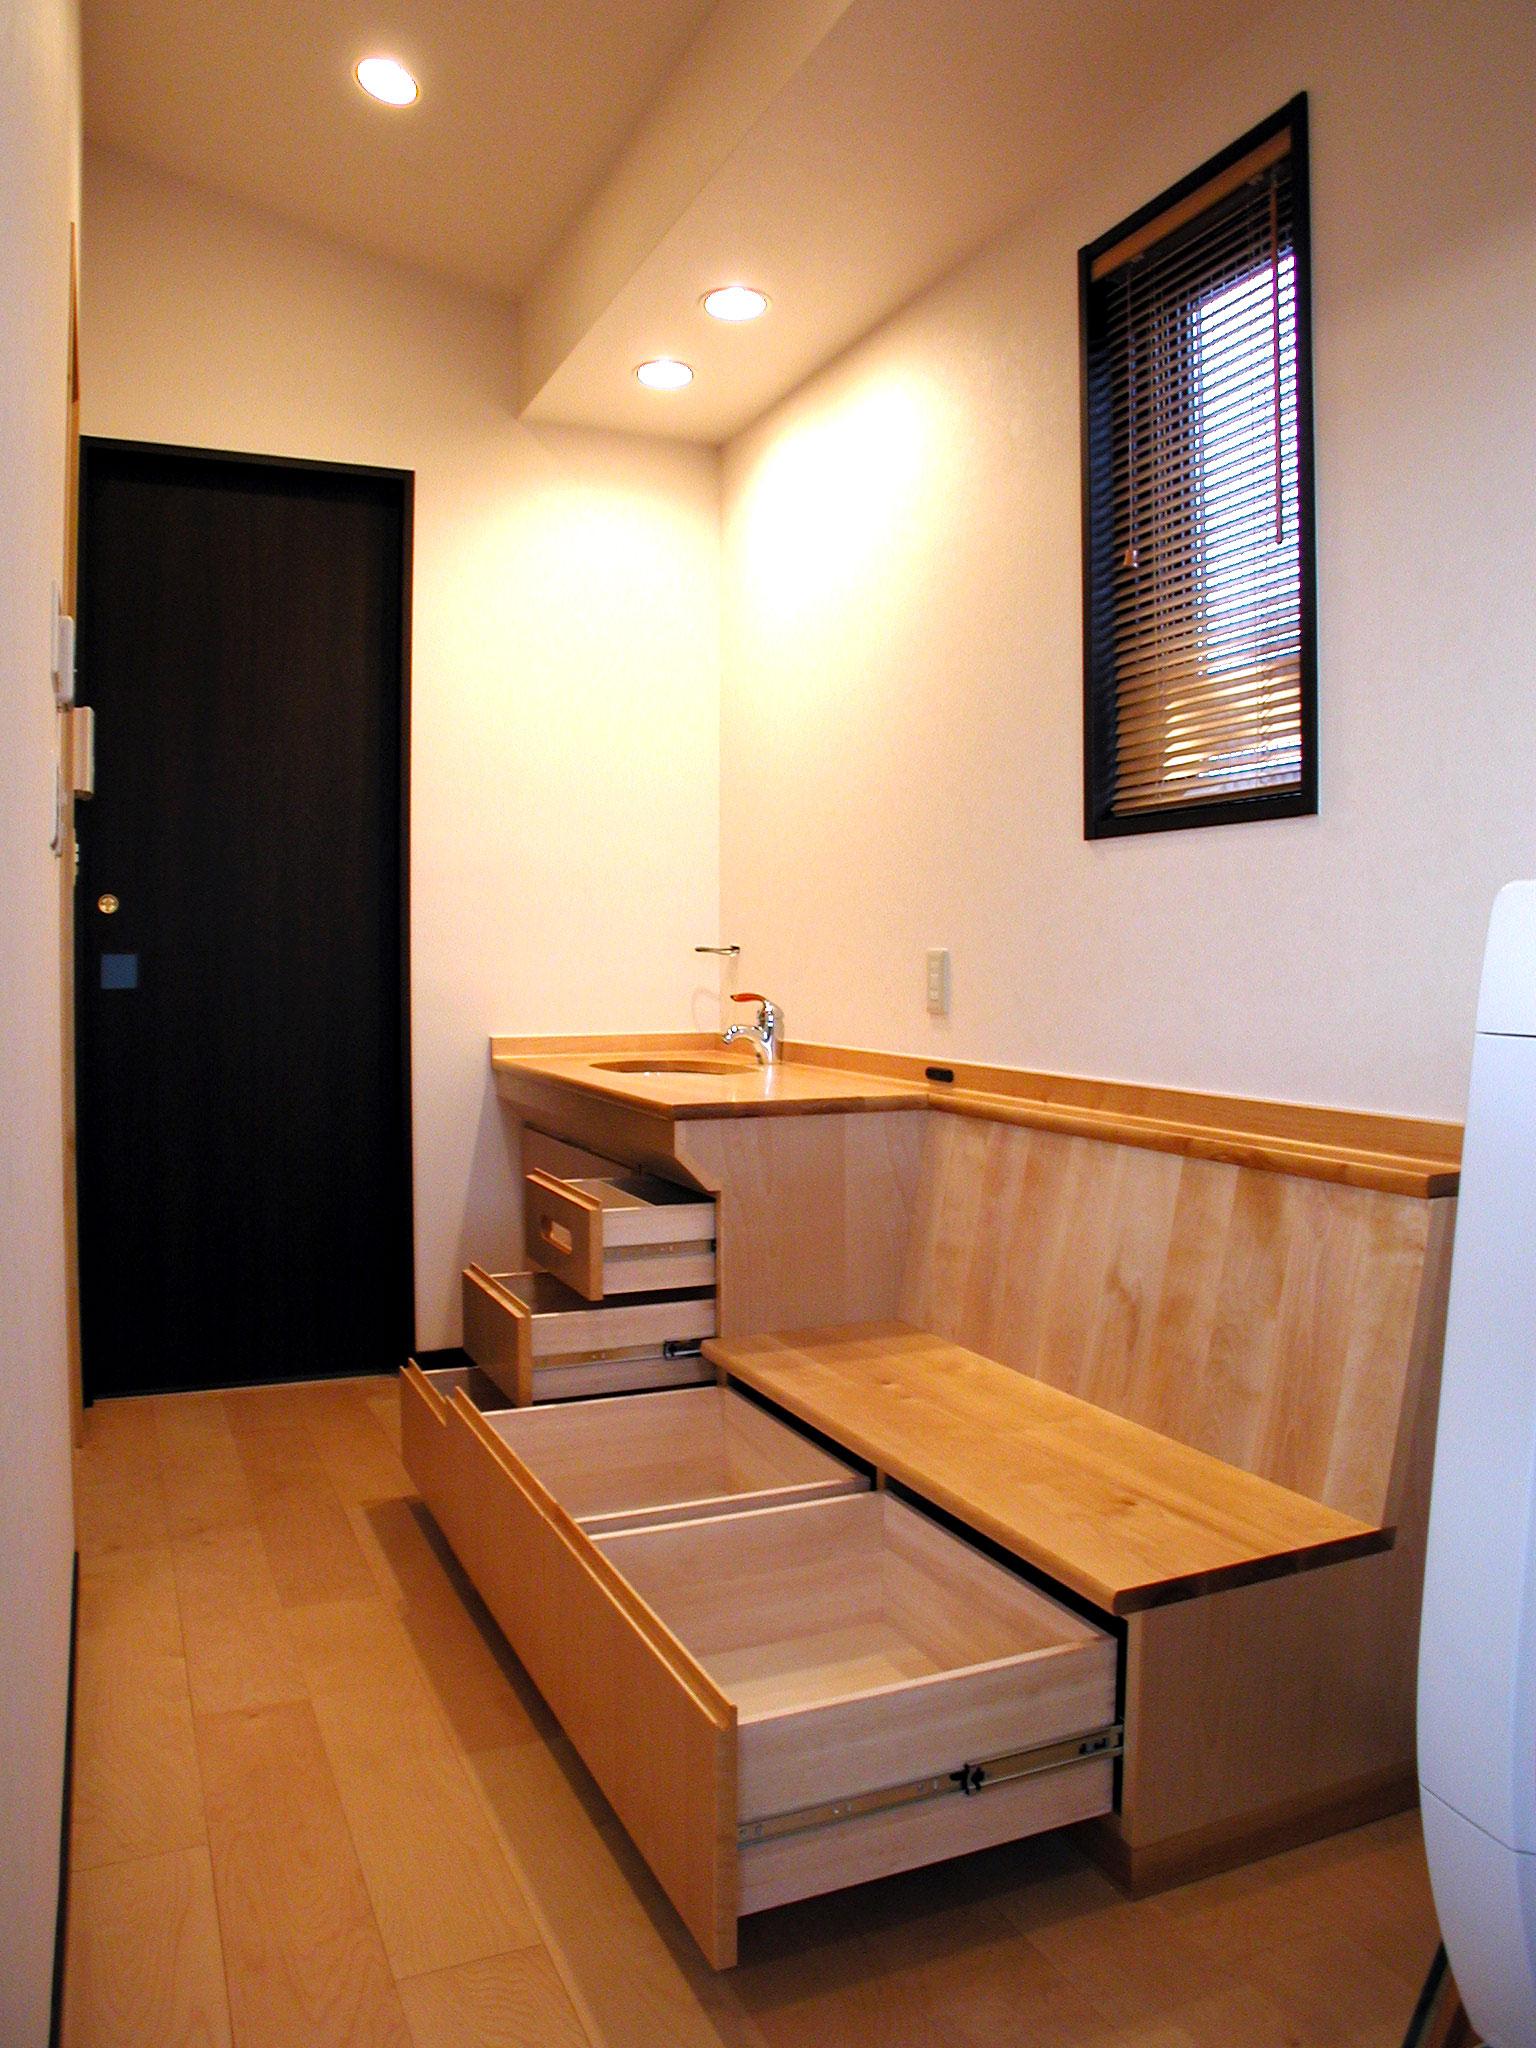 ホワイトバーチ材の腰掛付き洗面台[2]